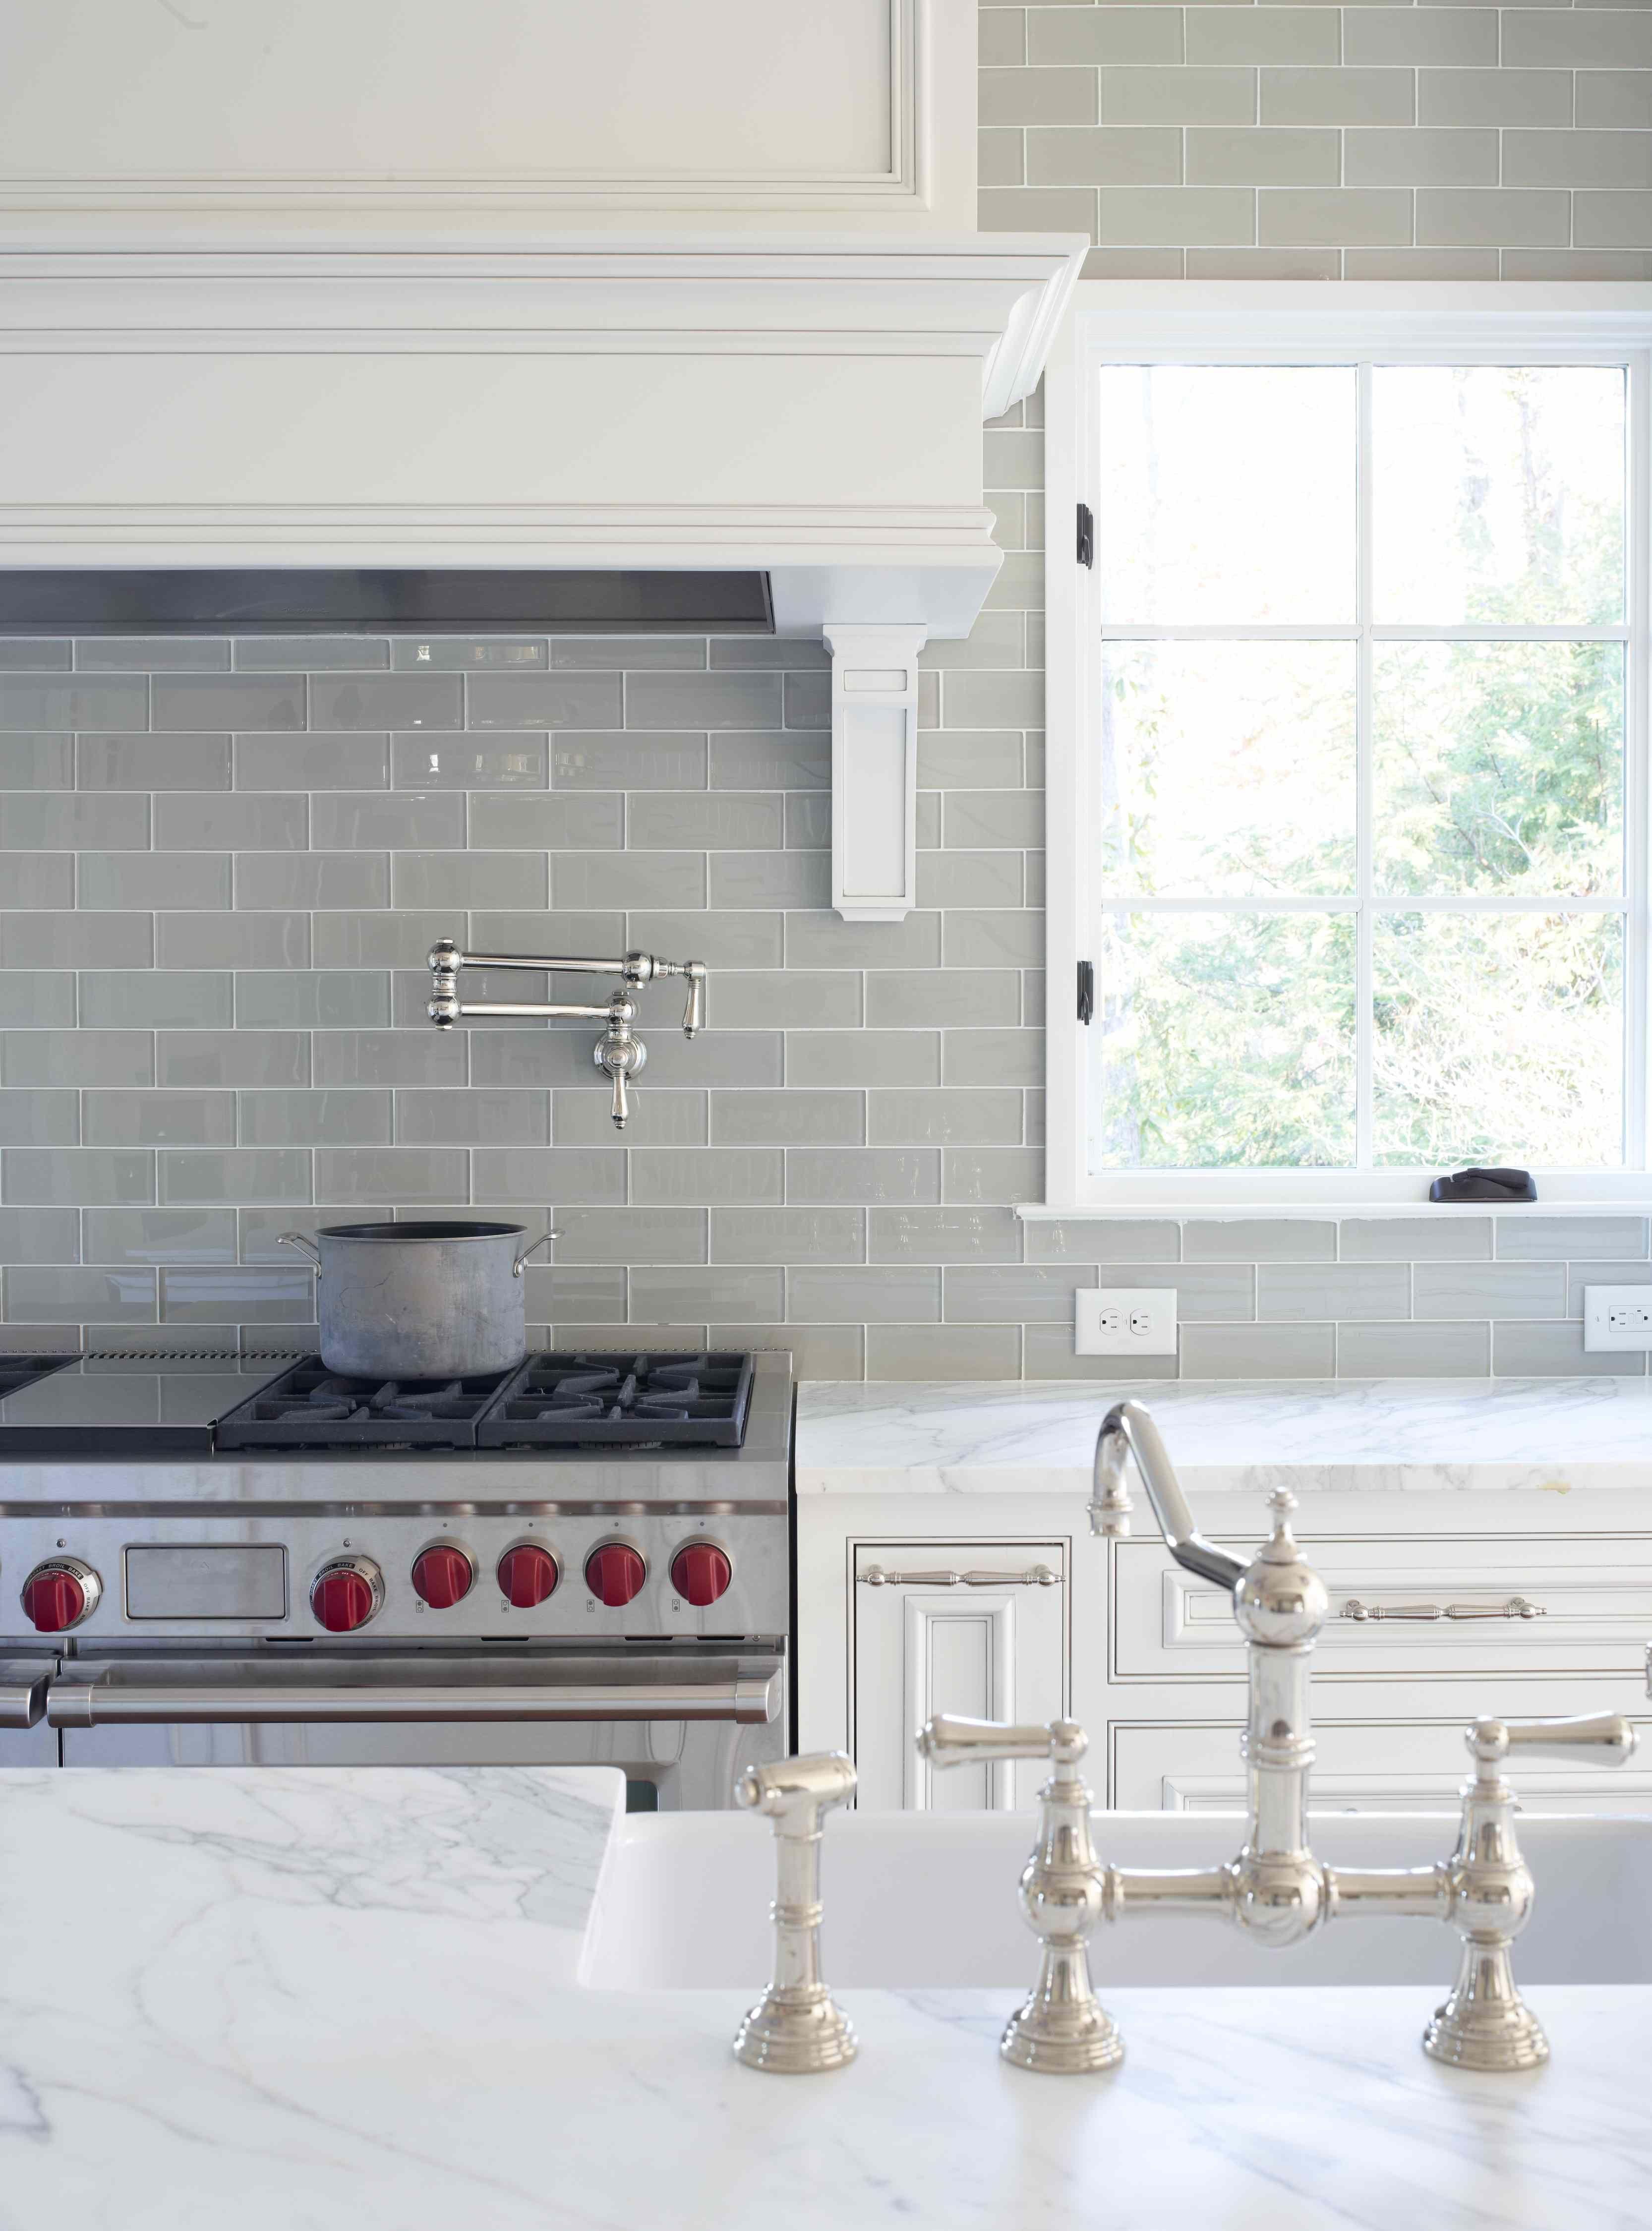 White Tile Backsplash Kitchen Digital Scales Smoke Glass Subway In 2019 H U M B L E A O D